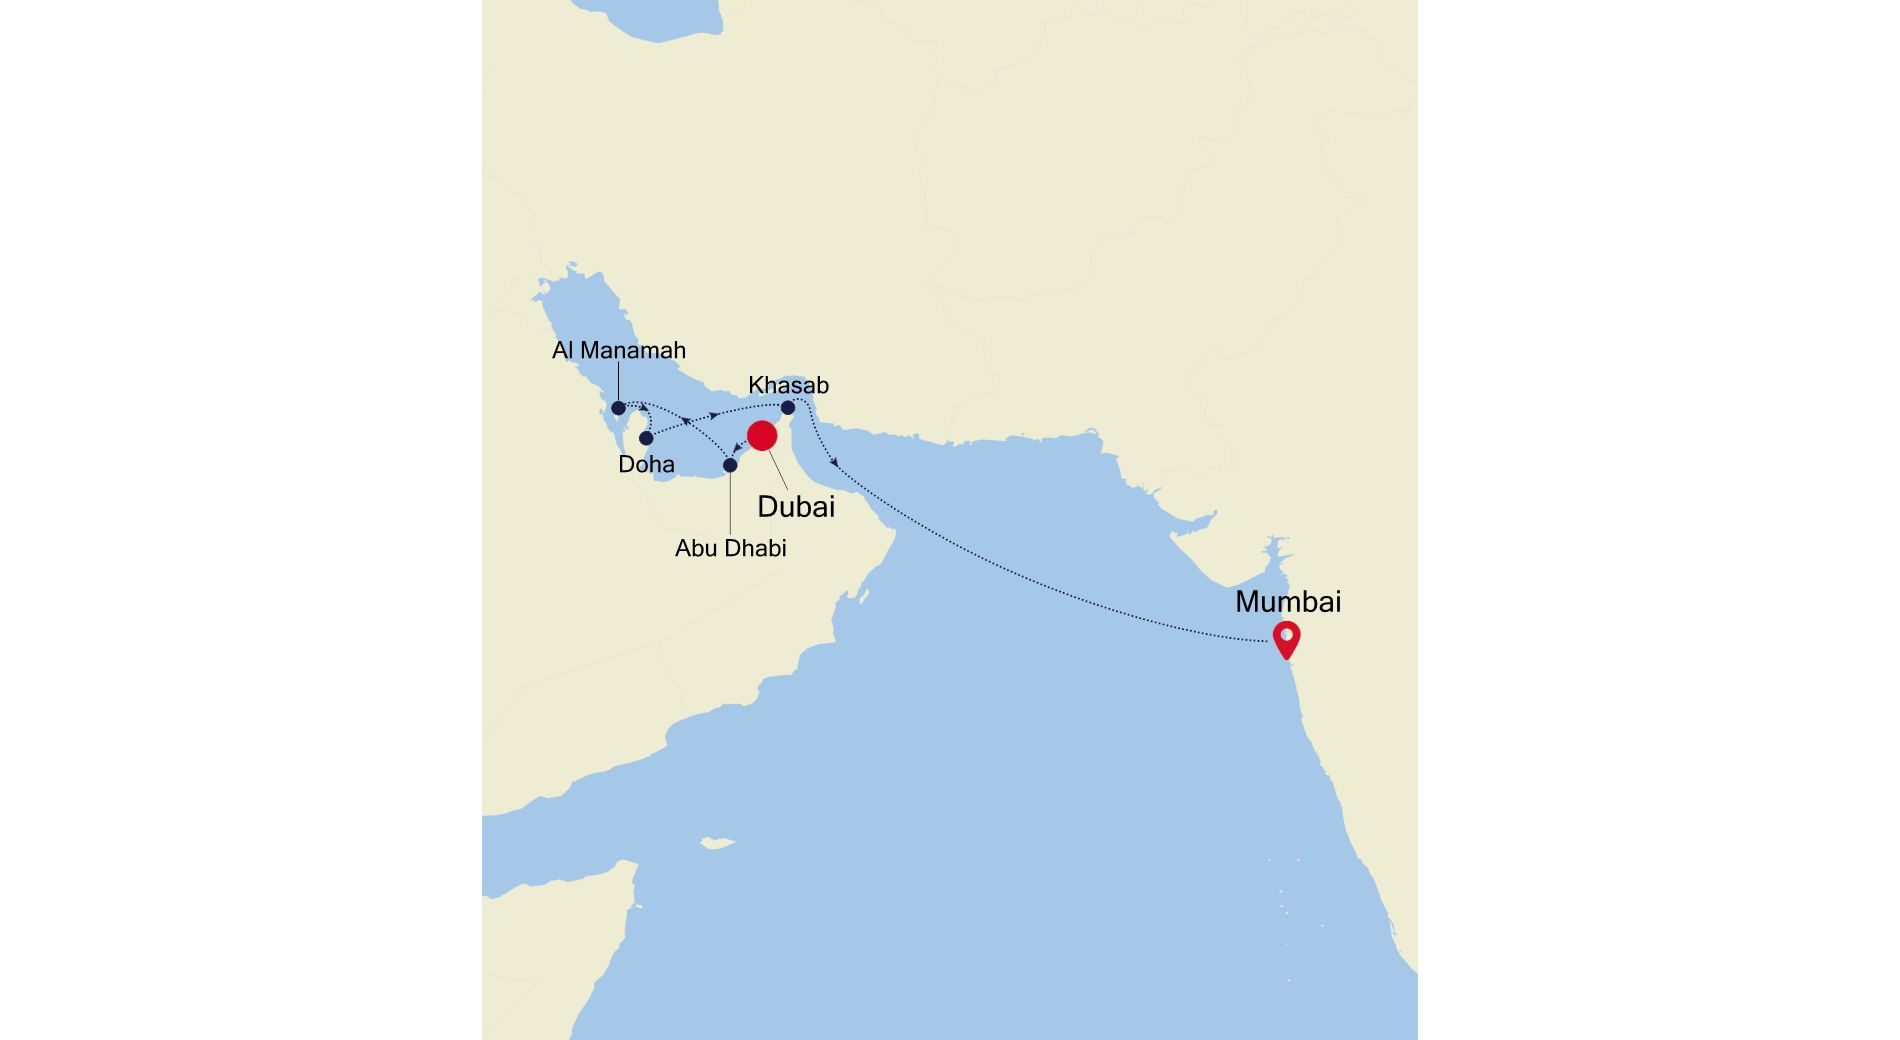 MO211117009 - Dubai to Mumbai